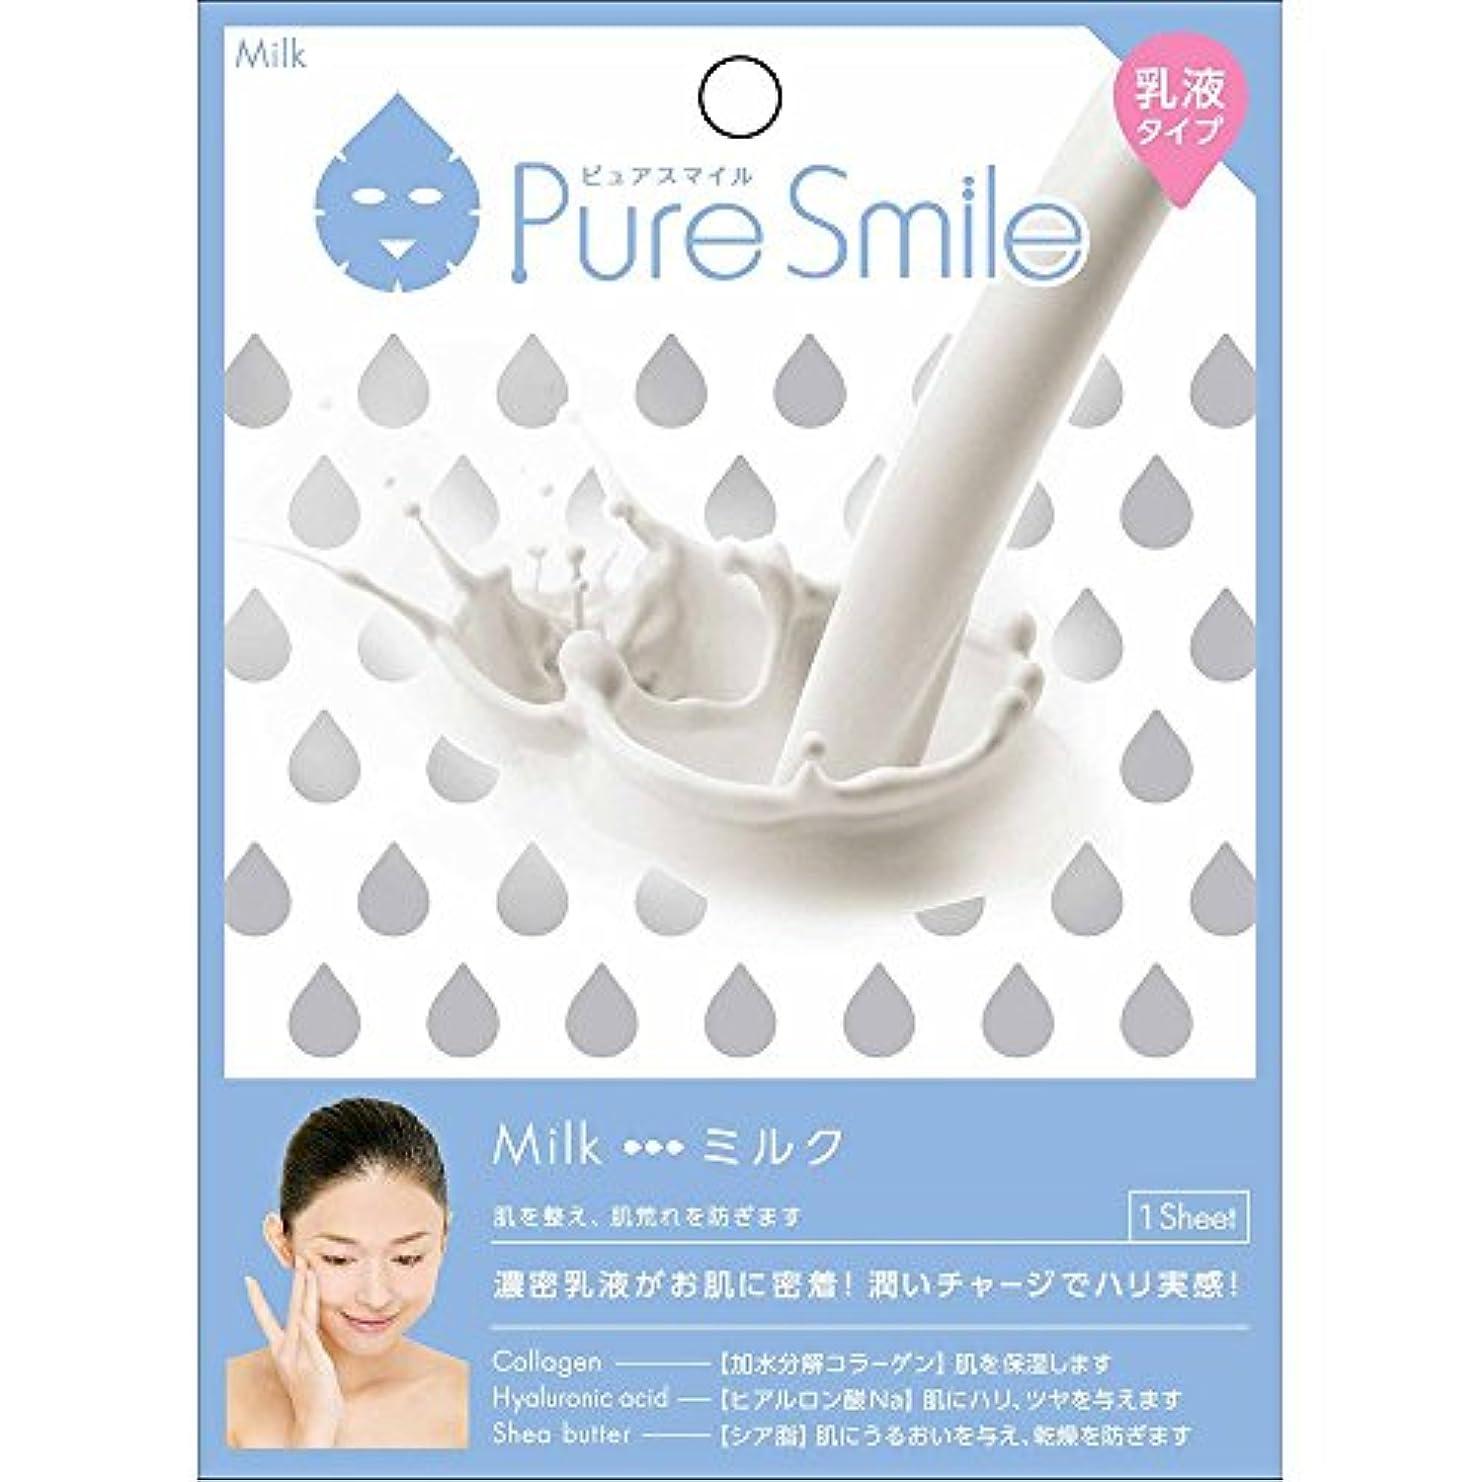 報酬の許される王朝Pure Smile(ピュアスマイル) 乳液エッセンスマスク 1 枚 ミルク